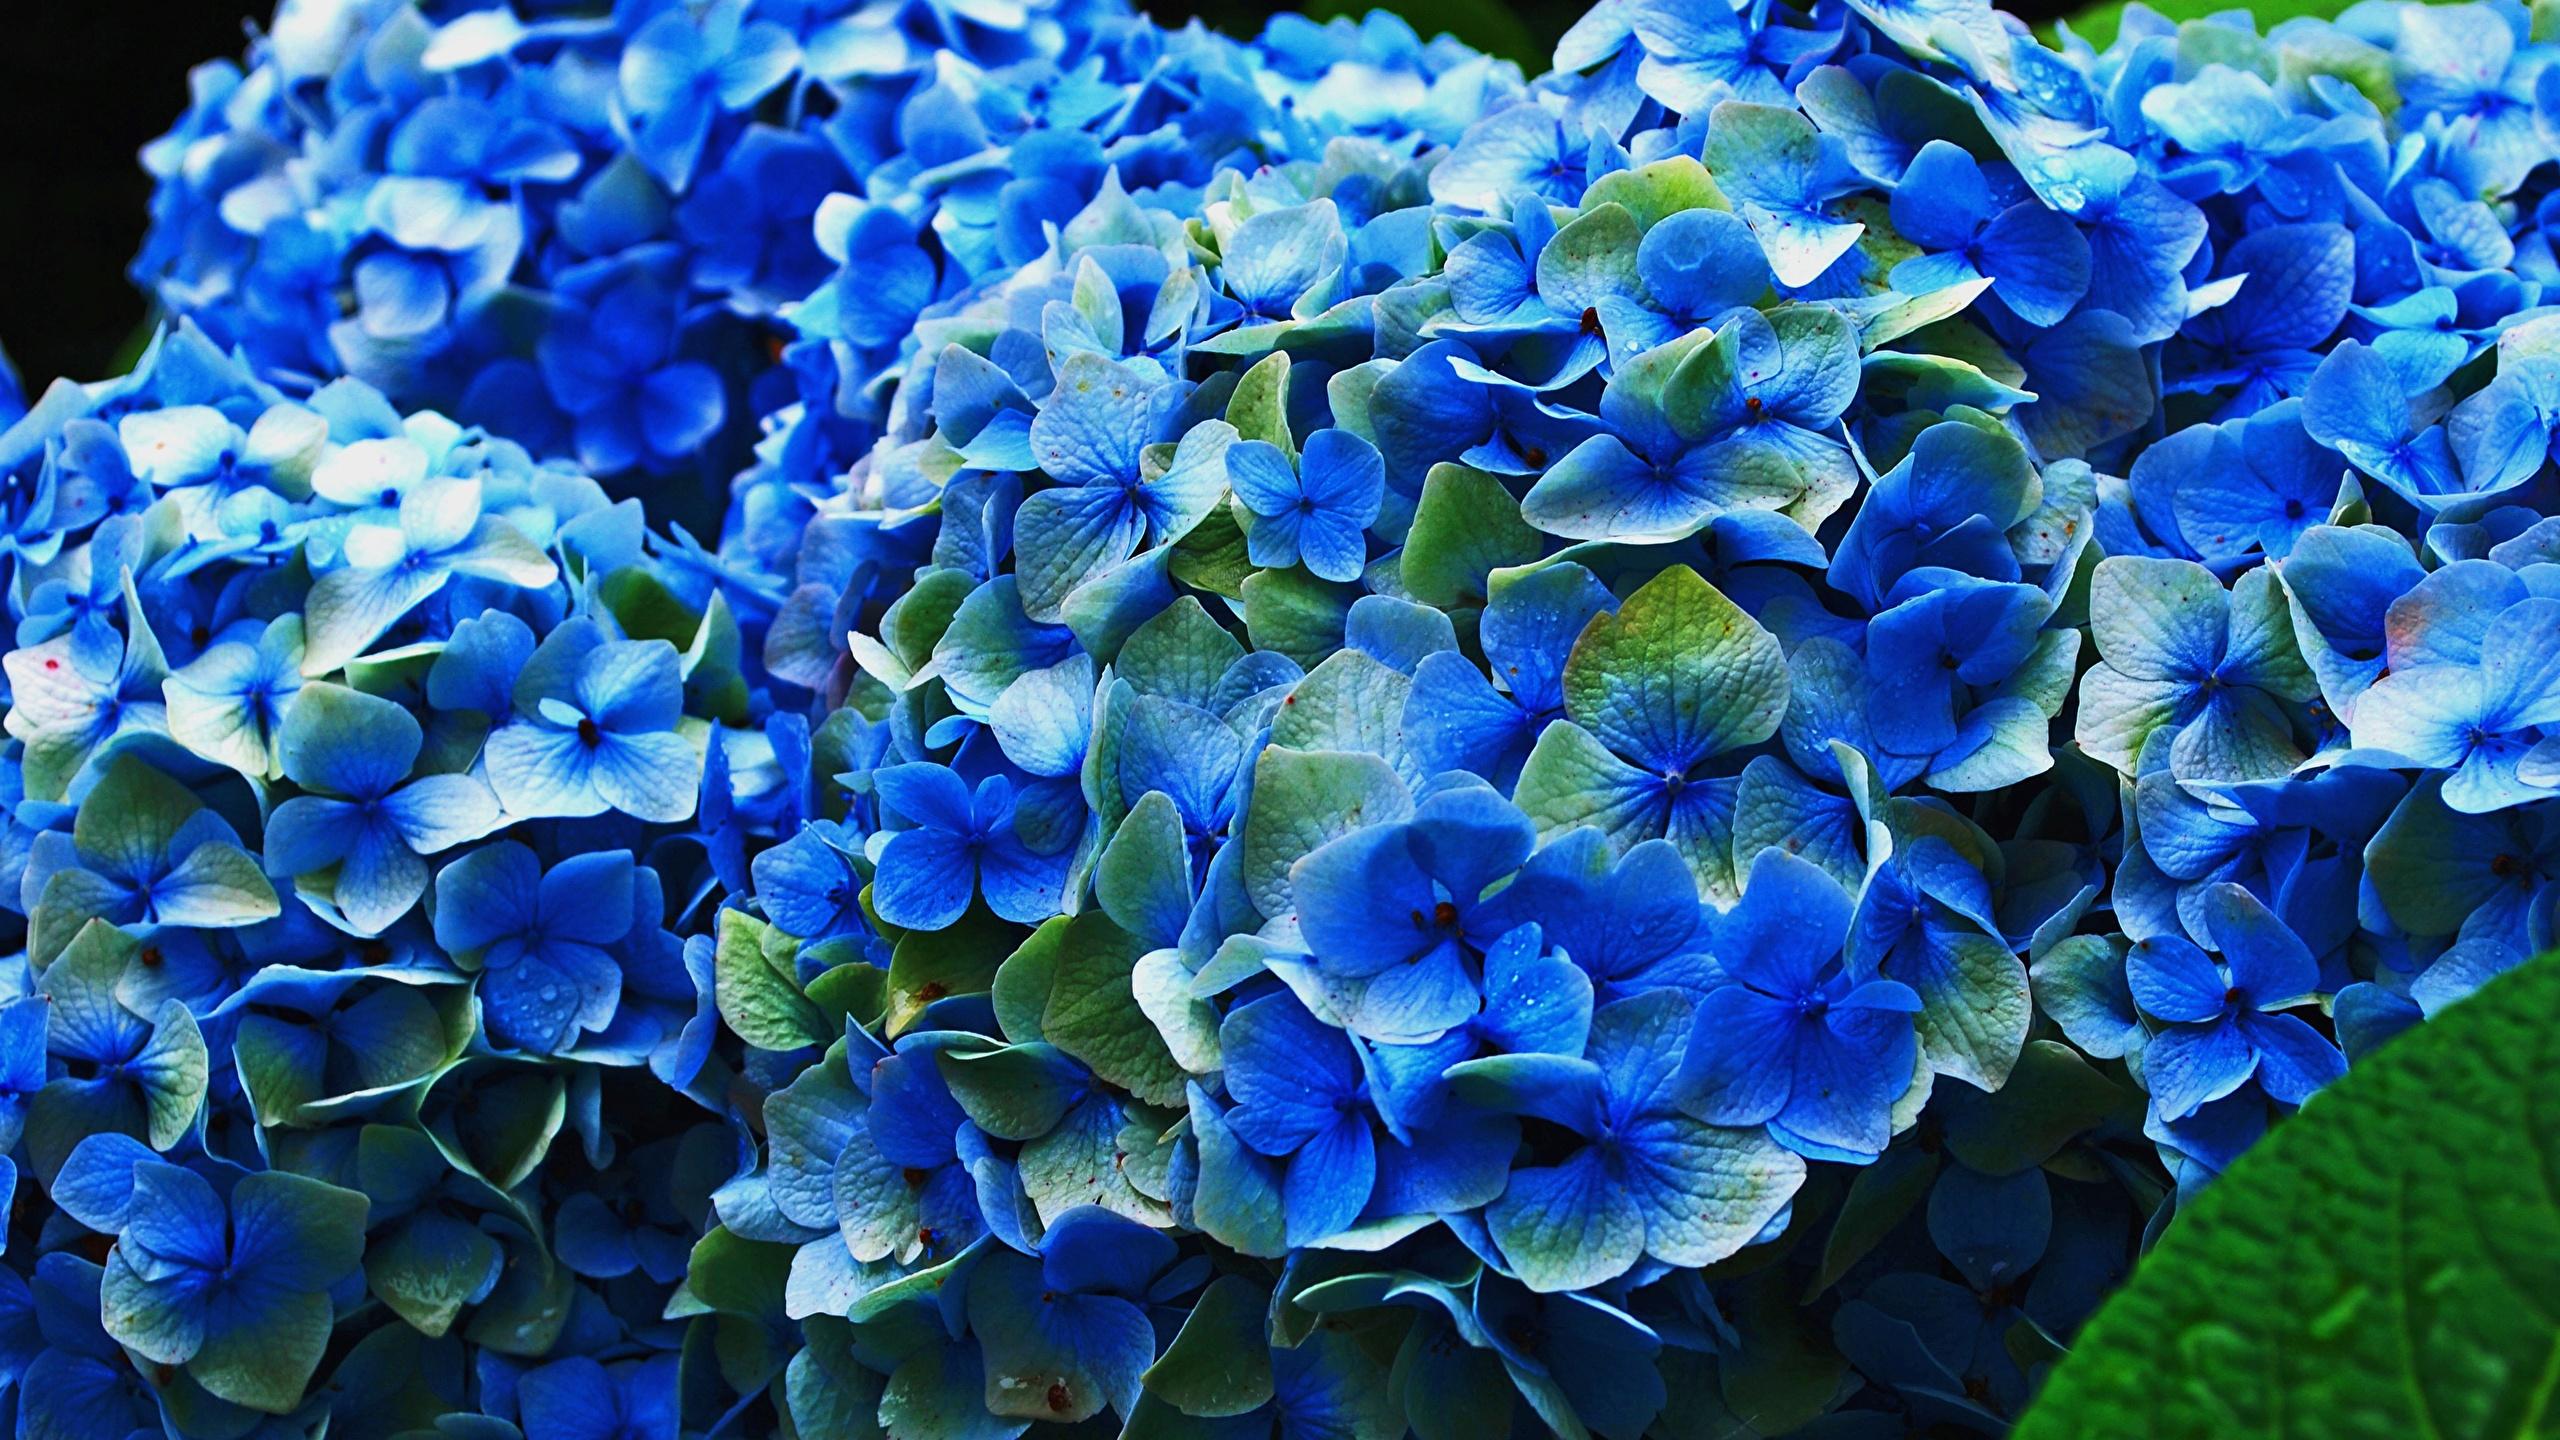 Fonds Decran 2560x1440 Hydrangea En Gros Plan Bleu Fleurs